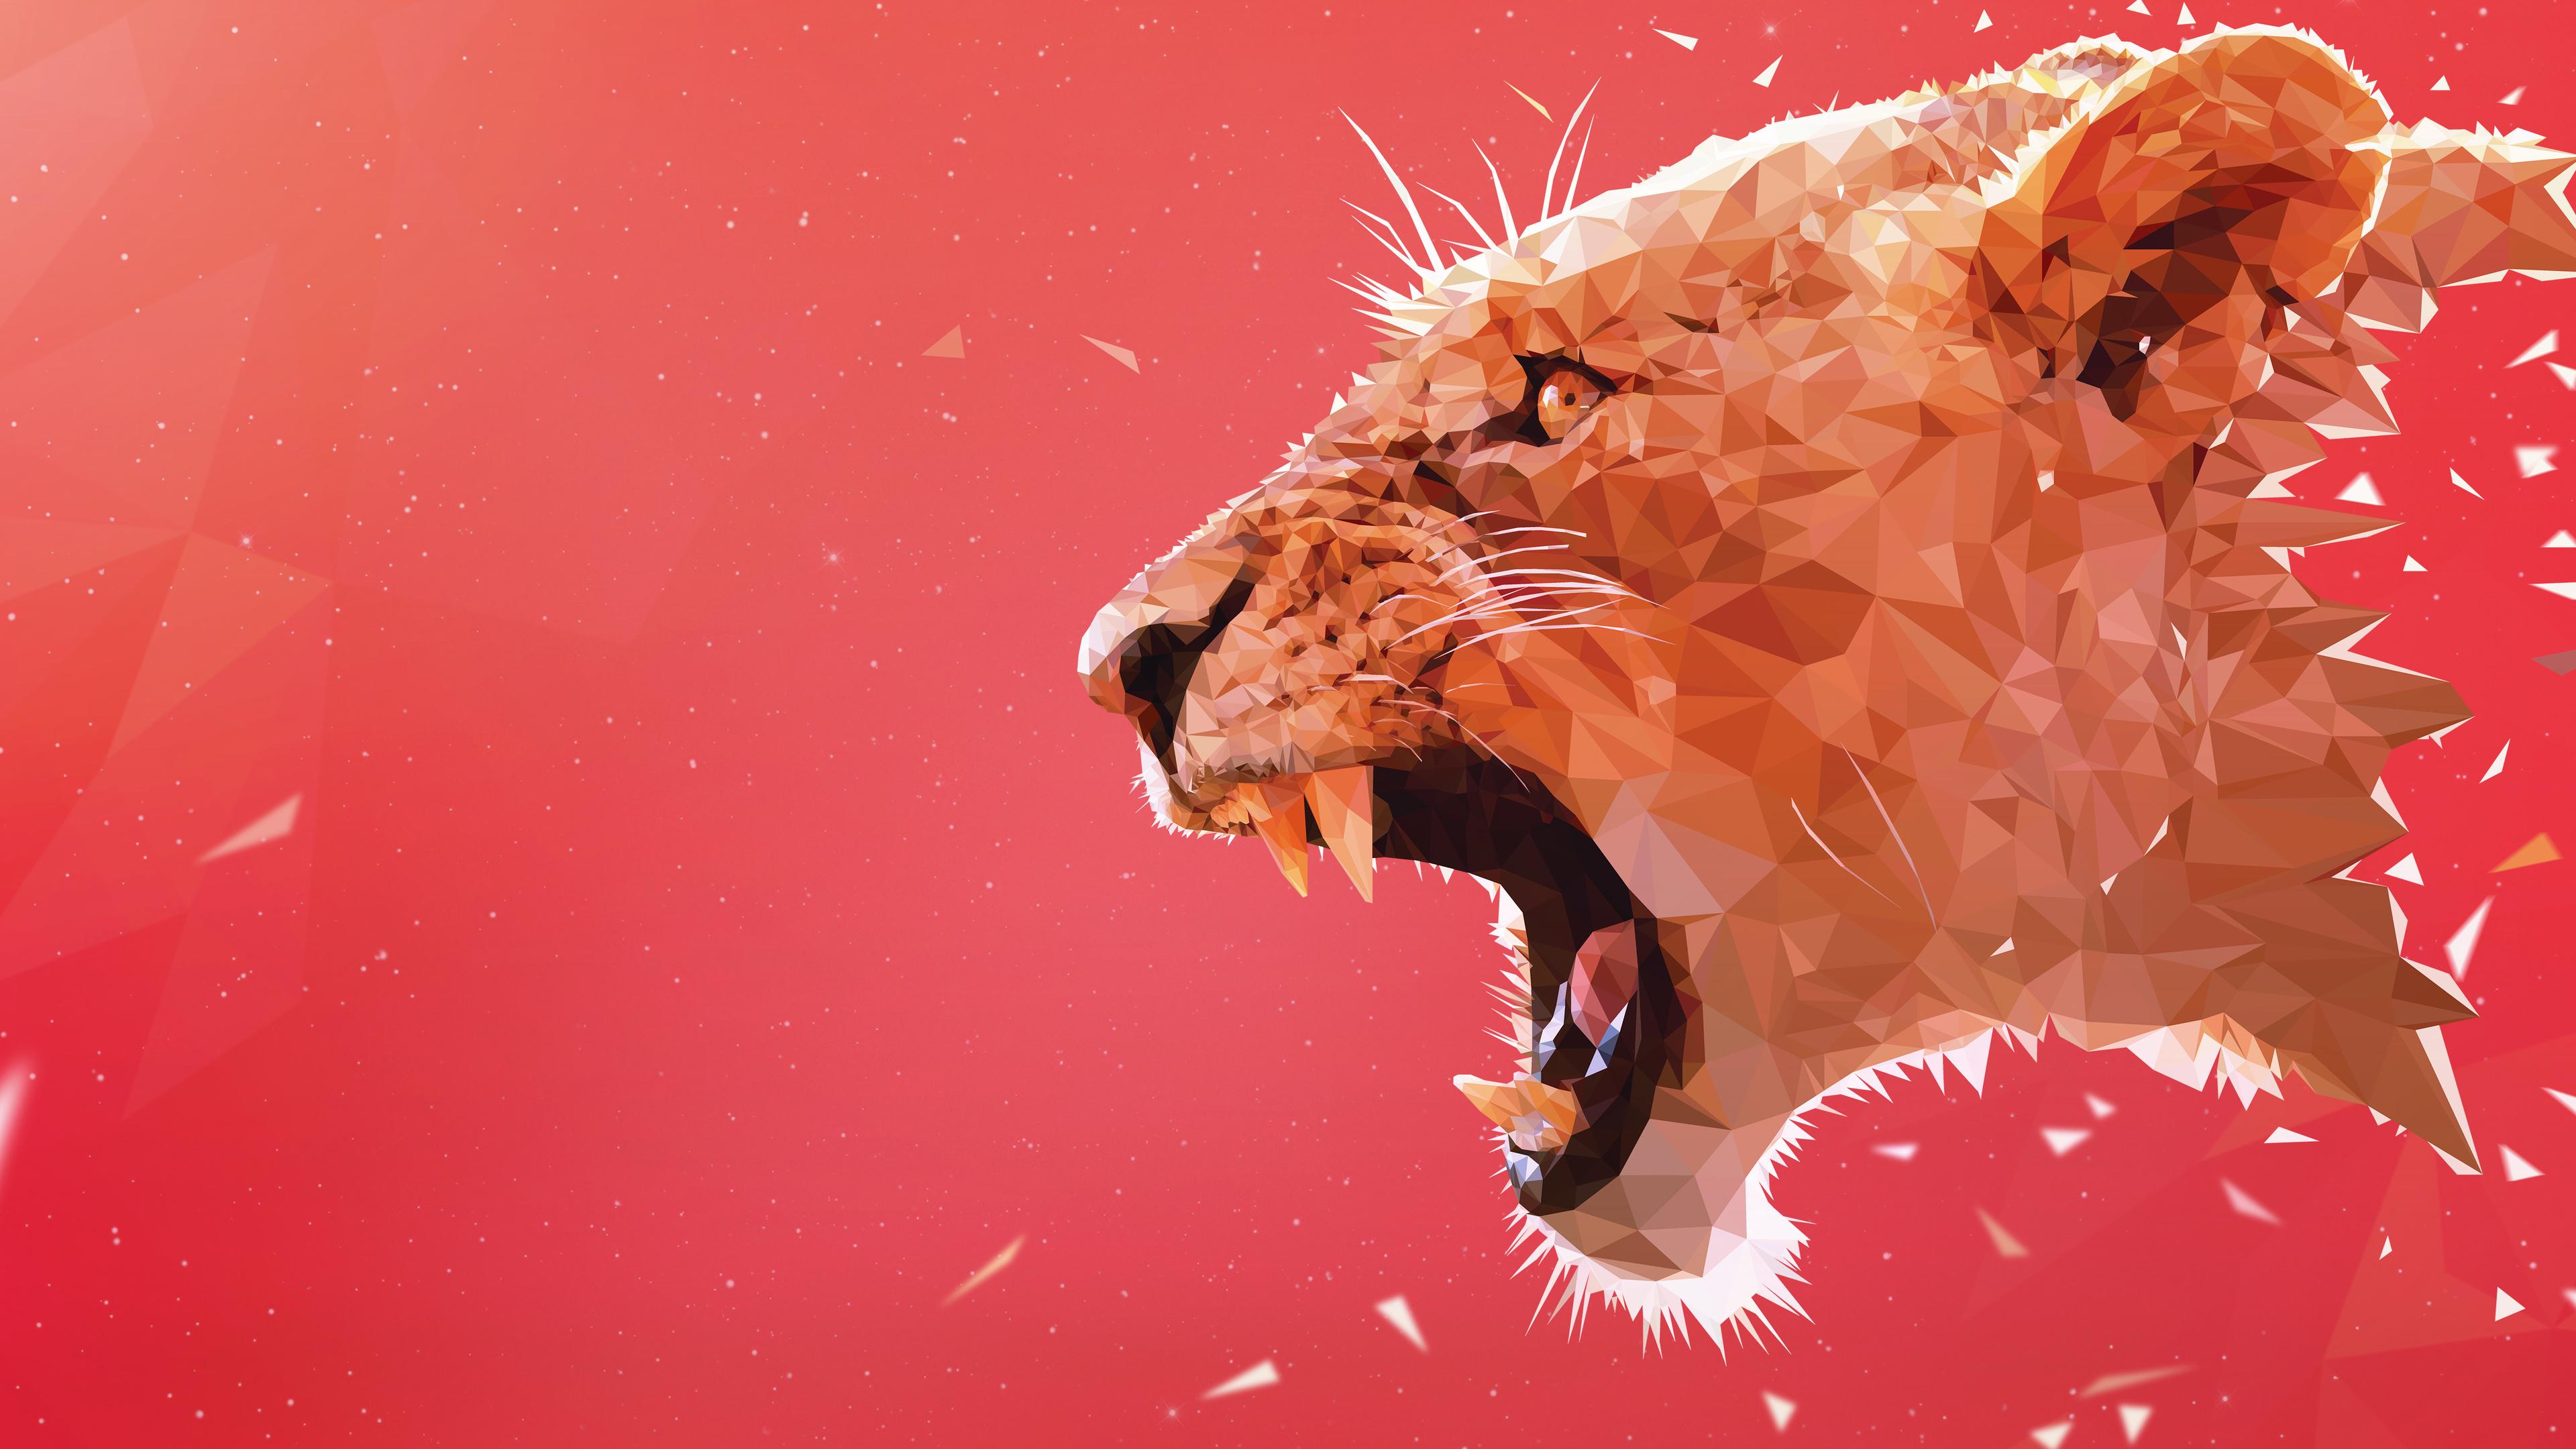 lion facet 4k 1540750106 - Lion Facet  4k - lion wallpapers, hd-wallpapers, facets wallpapers, facet wallpapers, digital art wallpapers, artwork wallpapers, artist wallpapers, animals wallpapers, 5k wallpapers, 4k-wallpapers